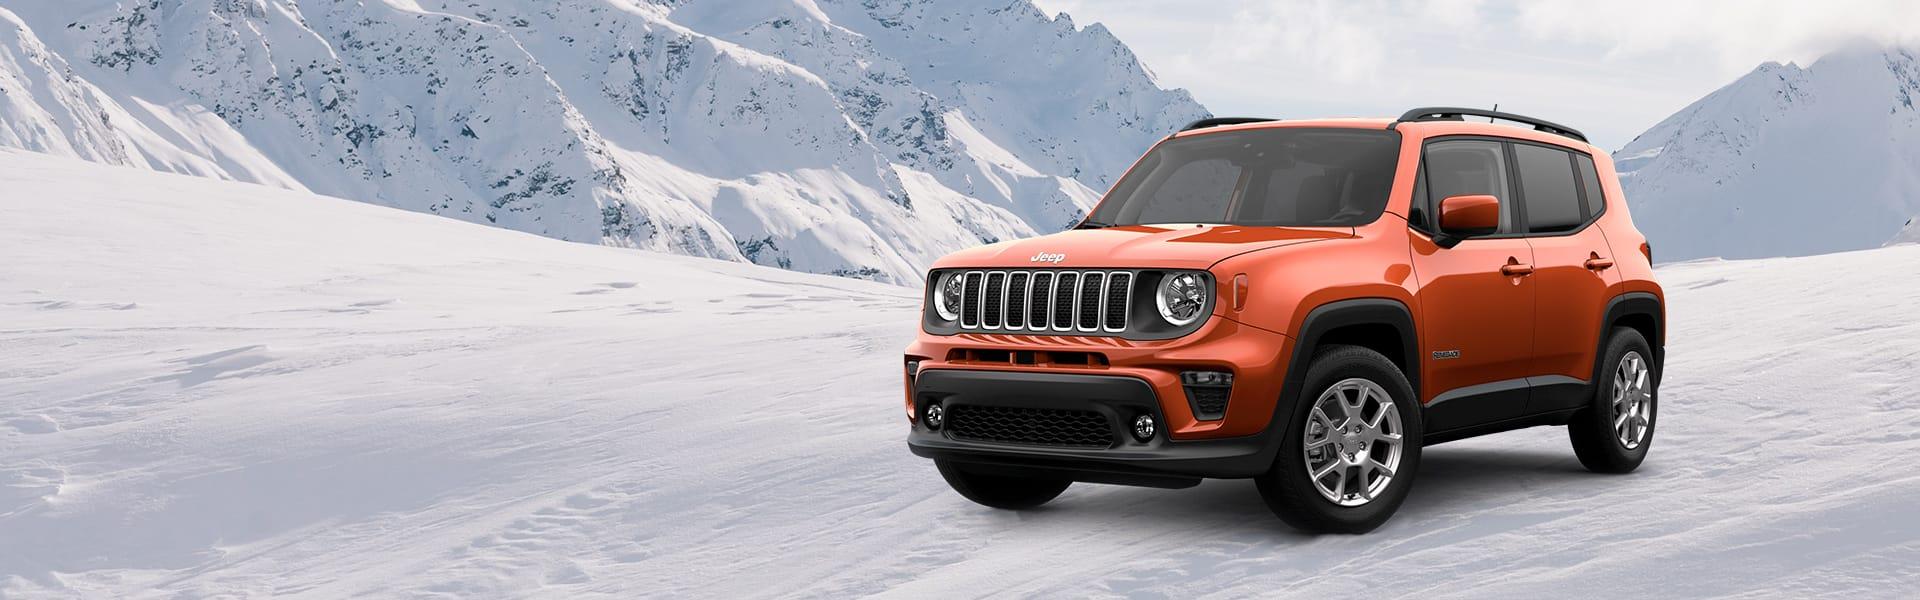 Un Renegade Latitude 4x4 2021 sobre un camino cubierto de nieve en las montañas.